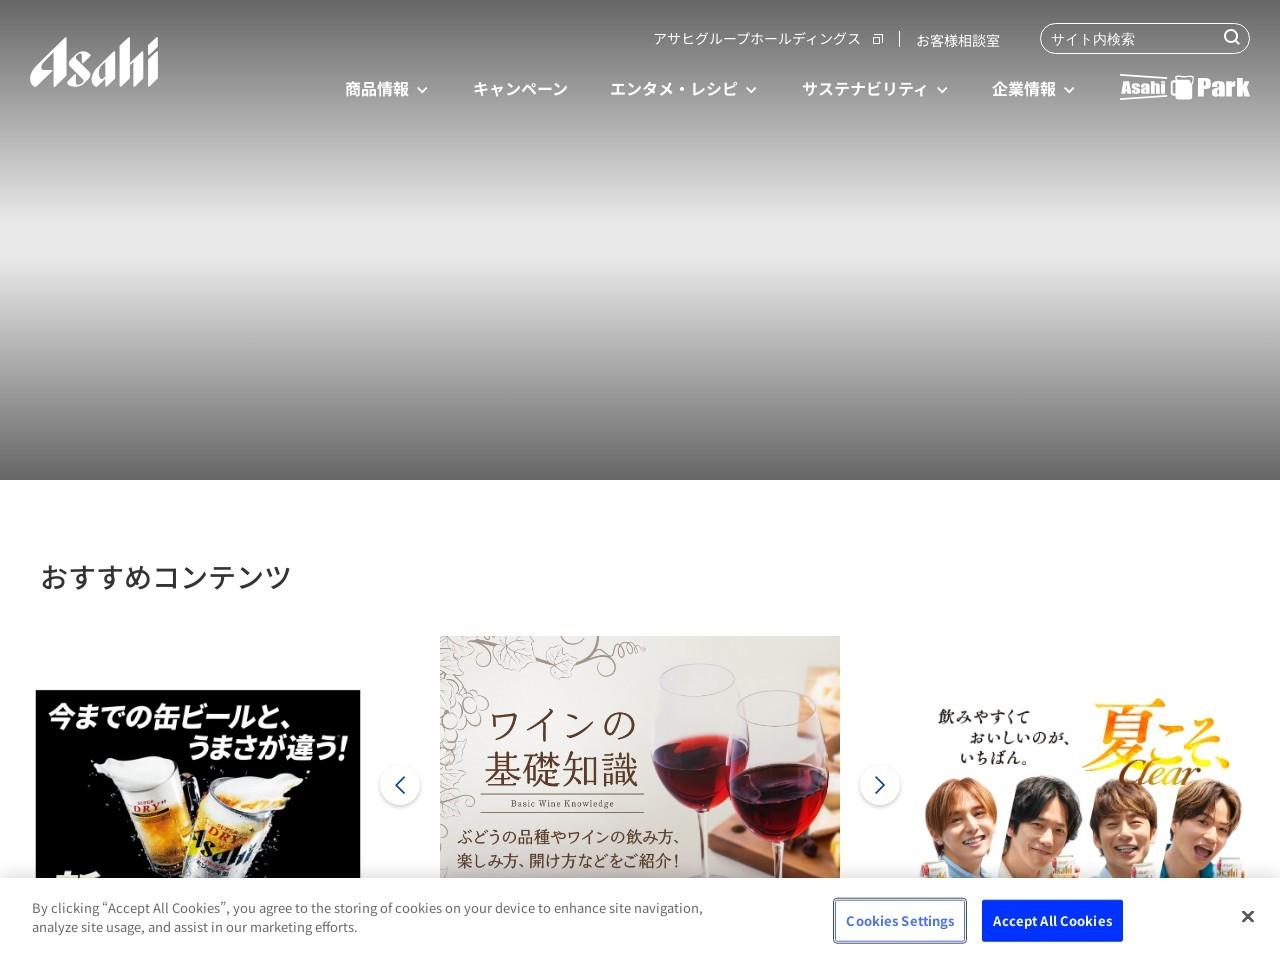 http://www.asahibeer.co.jp/news/2014/0307.html